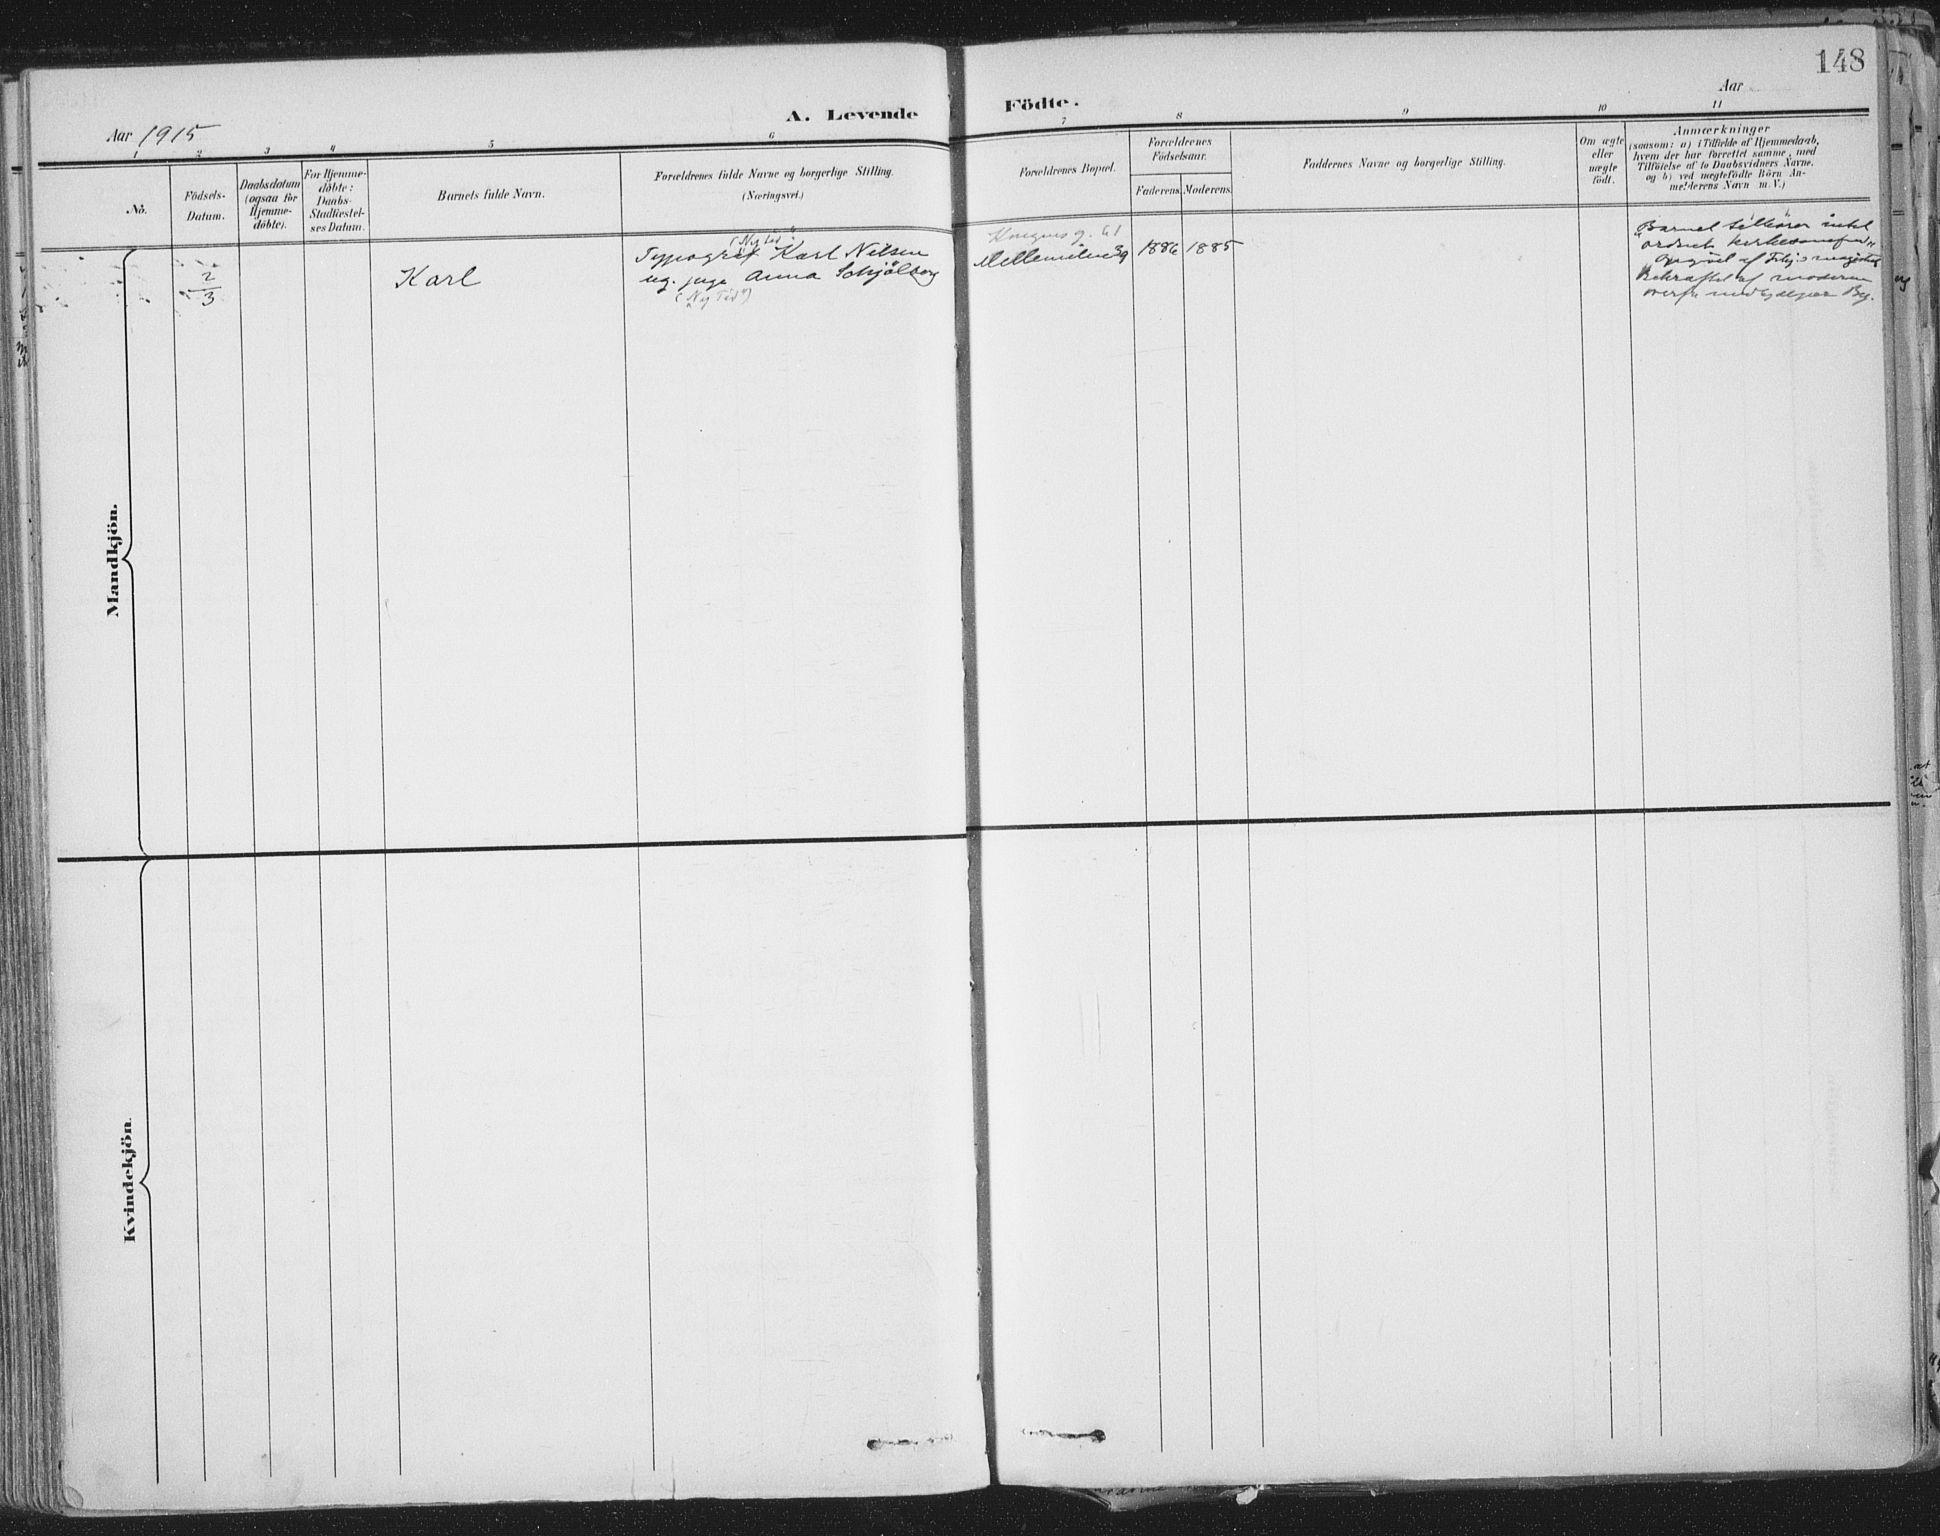 SAT, Ministerialprotokoller, klokkerbøker og fødselsregistre - Sør-Trøndelag, 603/L0167: Ministerialbok nr. 603A06, 1896-1932, s. 148